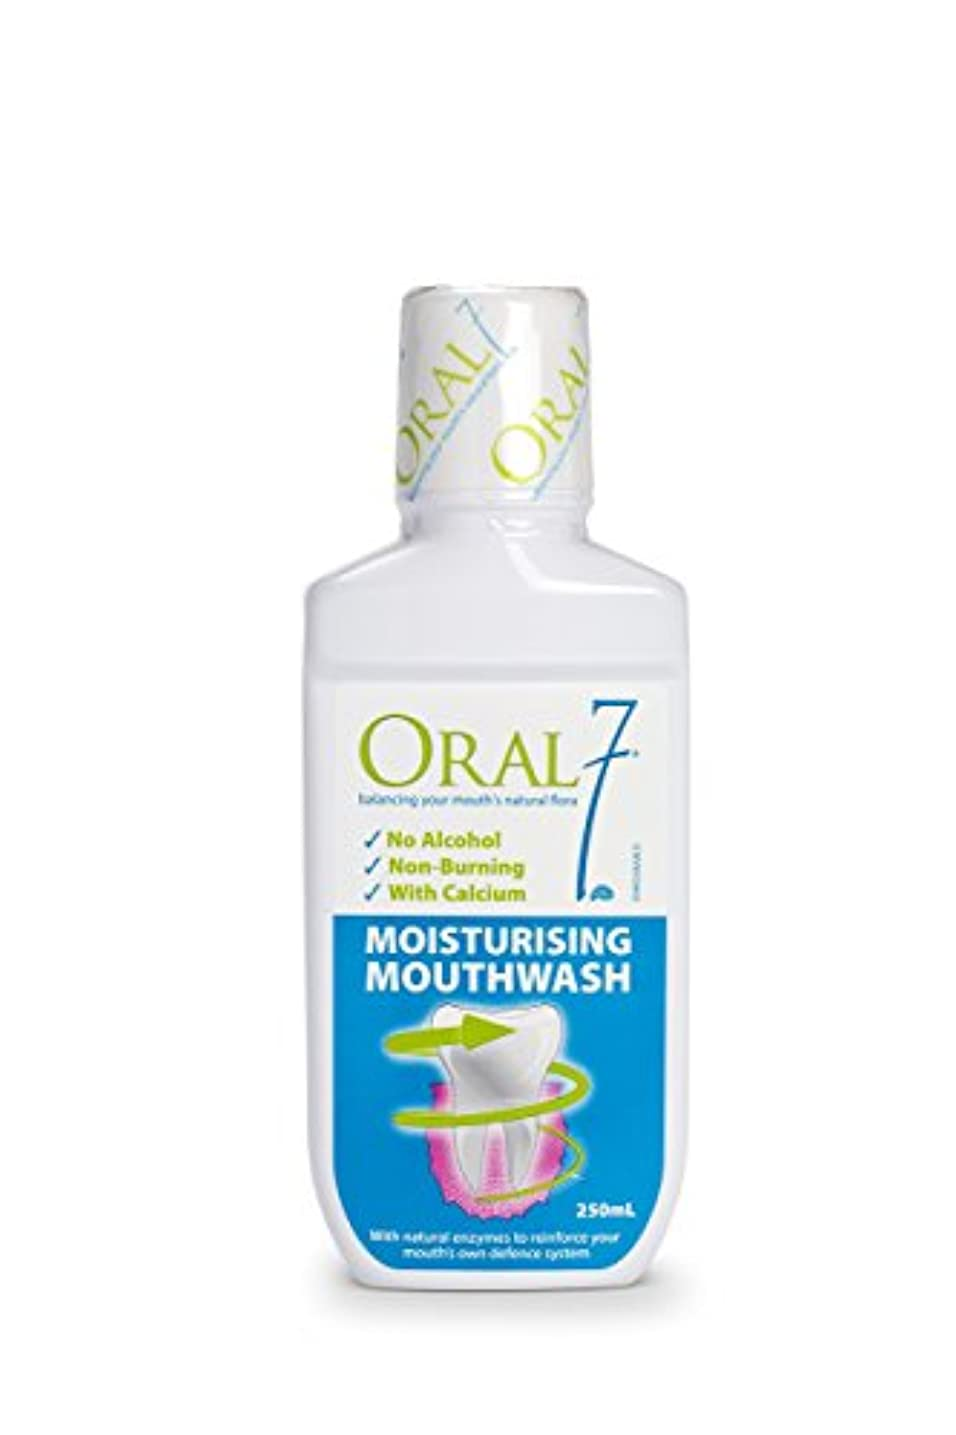 凍結浮浪者セールオーラル7 モイスチャライジング マウスウォッシュ 250ml 4種の天然酵素配合!お口の乾燥対策に 口腔内保湿 口臭予防 ノンアルコール 口腔ケア